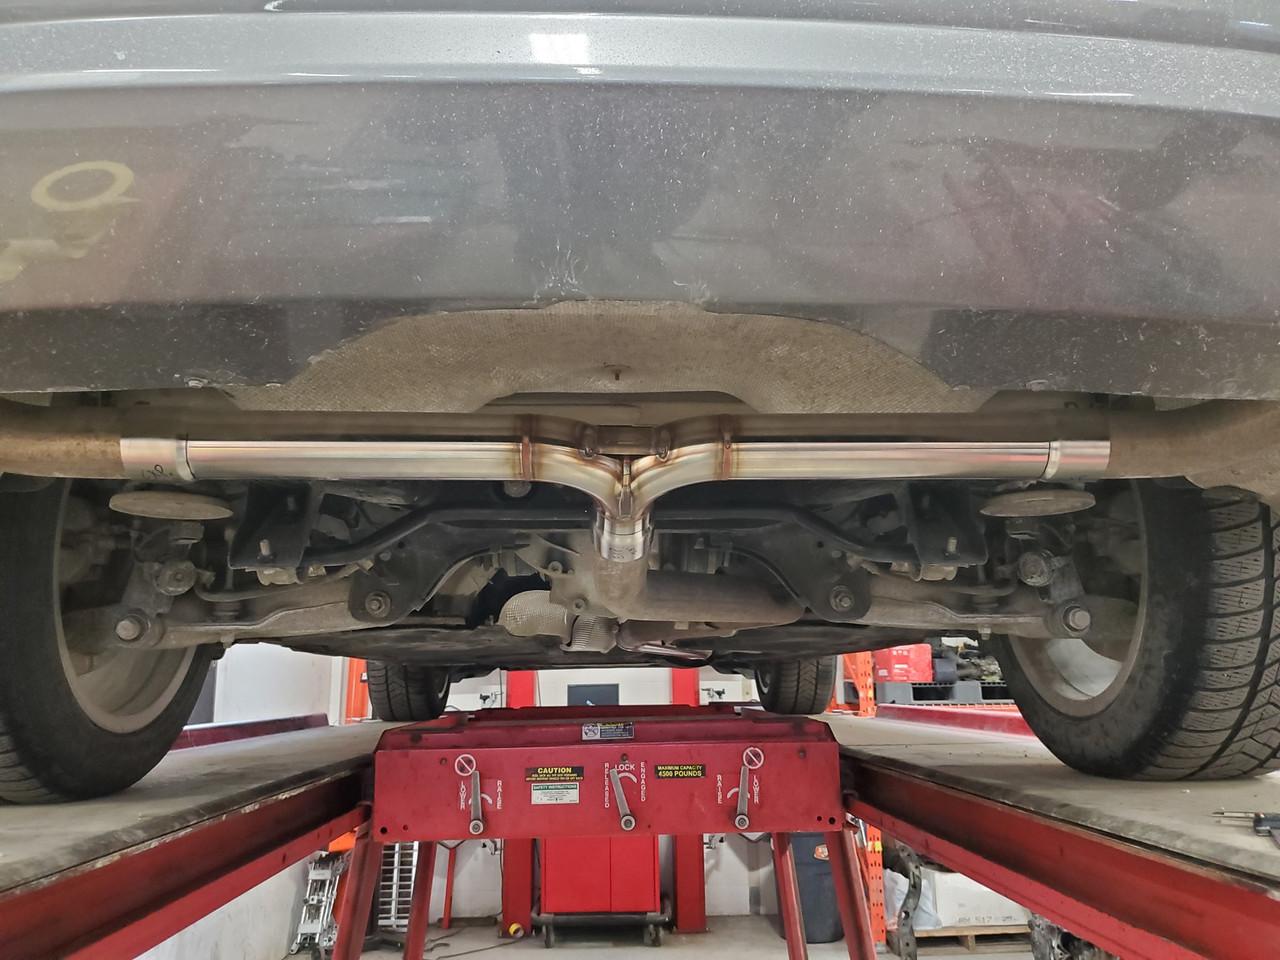 304 Stainless Steel Muffler Delete Kit for X5 DIESEL - E70 and F15 -4